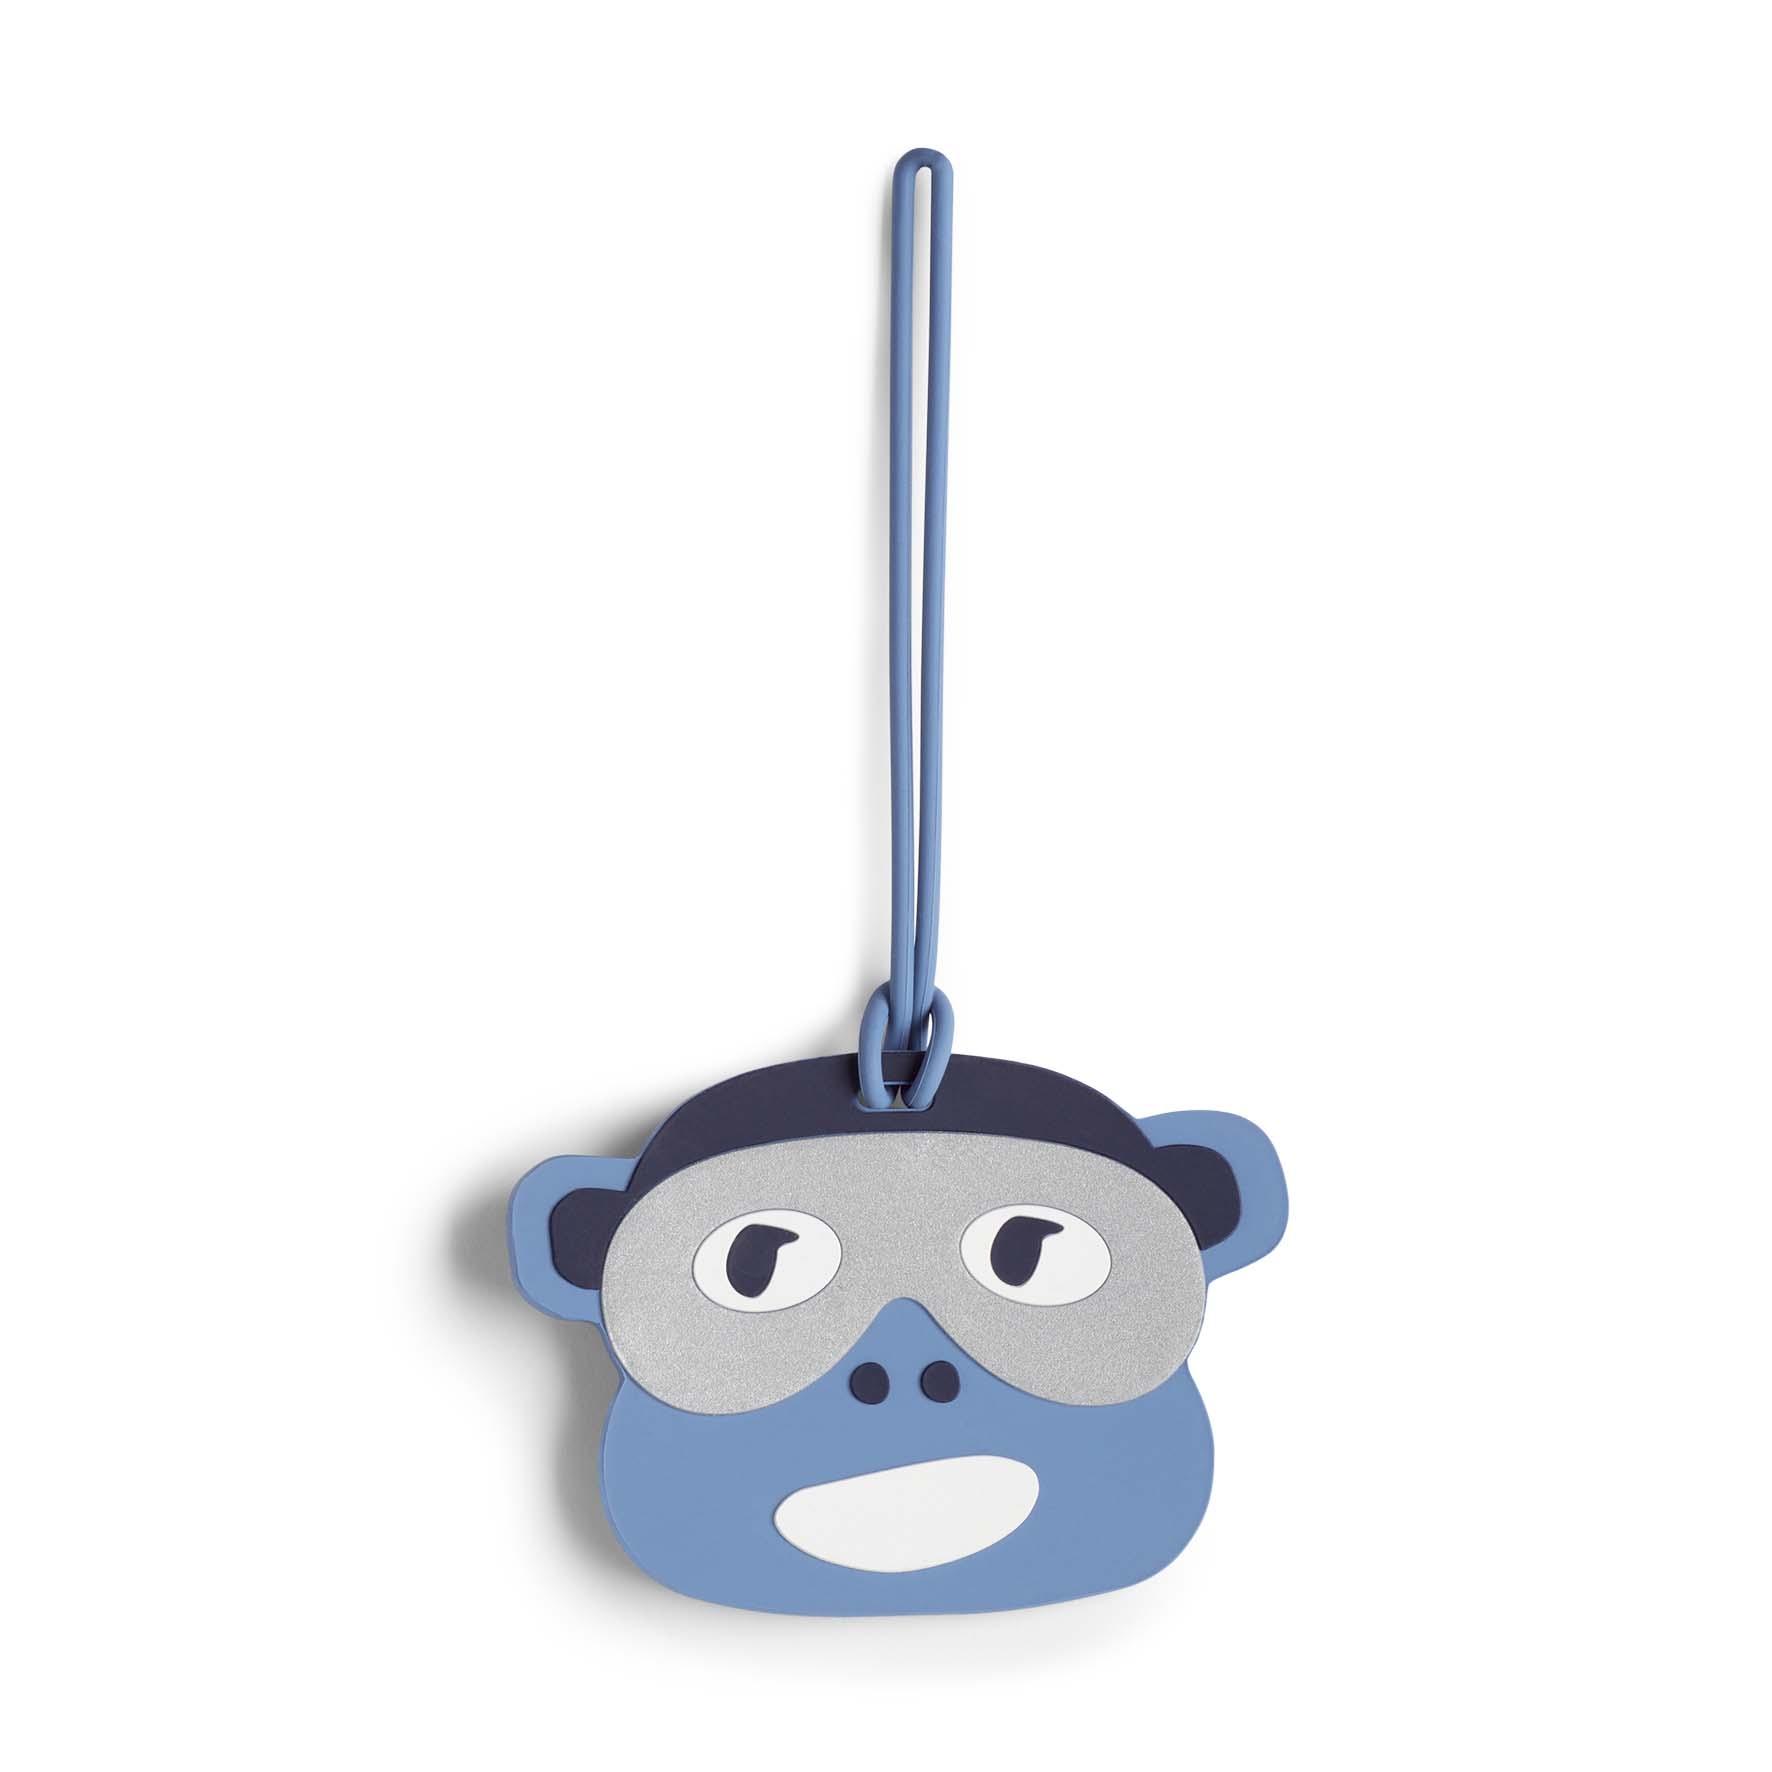 תגית קוף לתיק Monkey Fun Tag Bl - Monkey Faceהדפס קוף